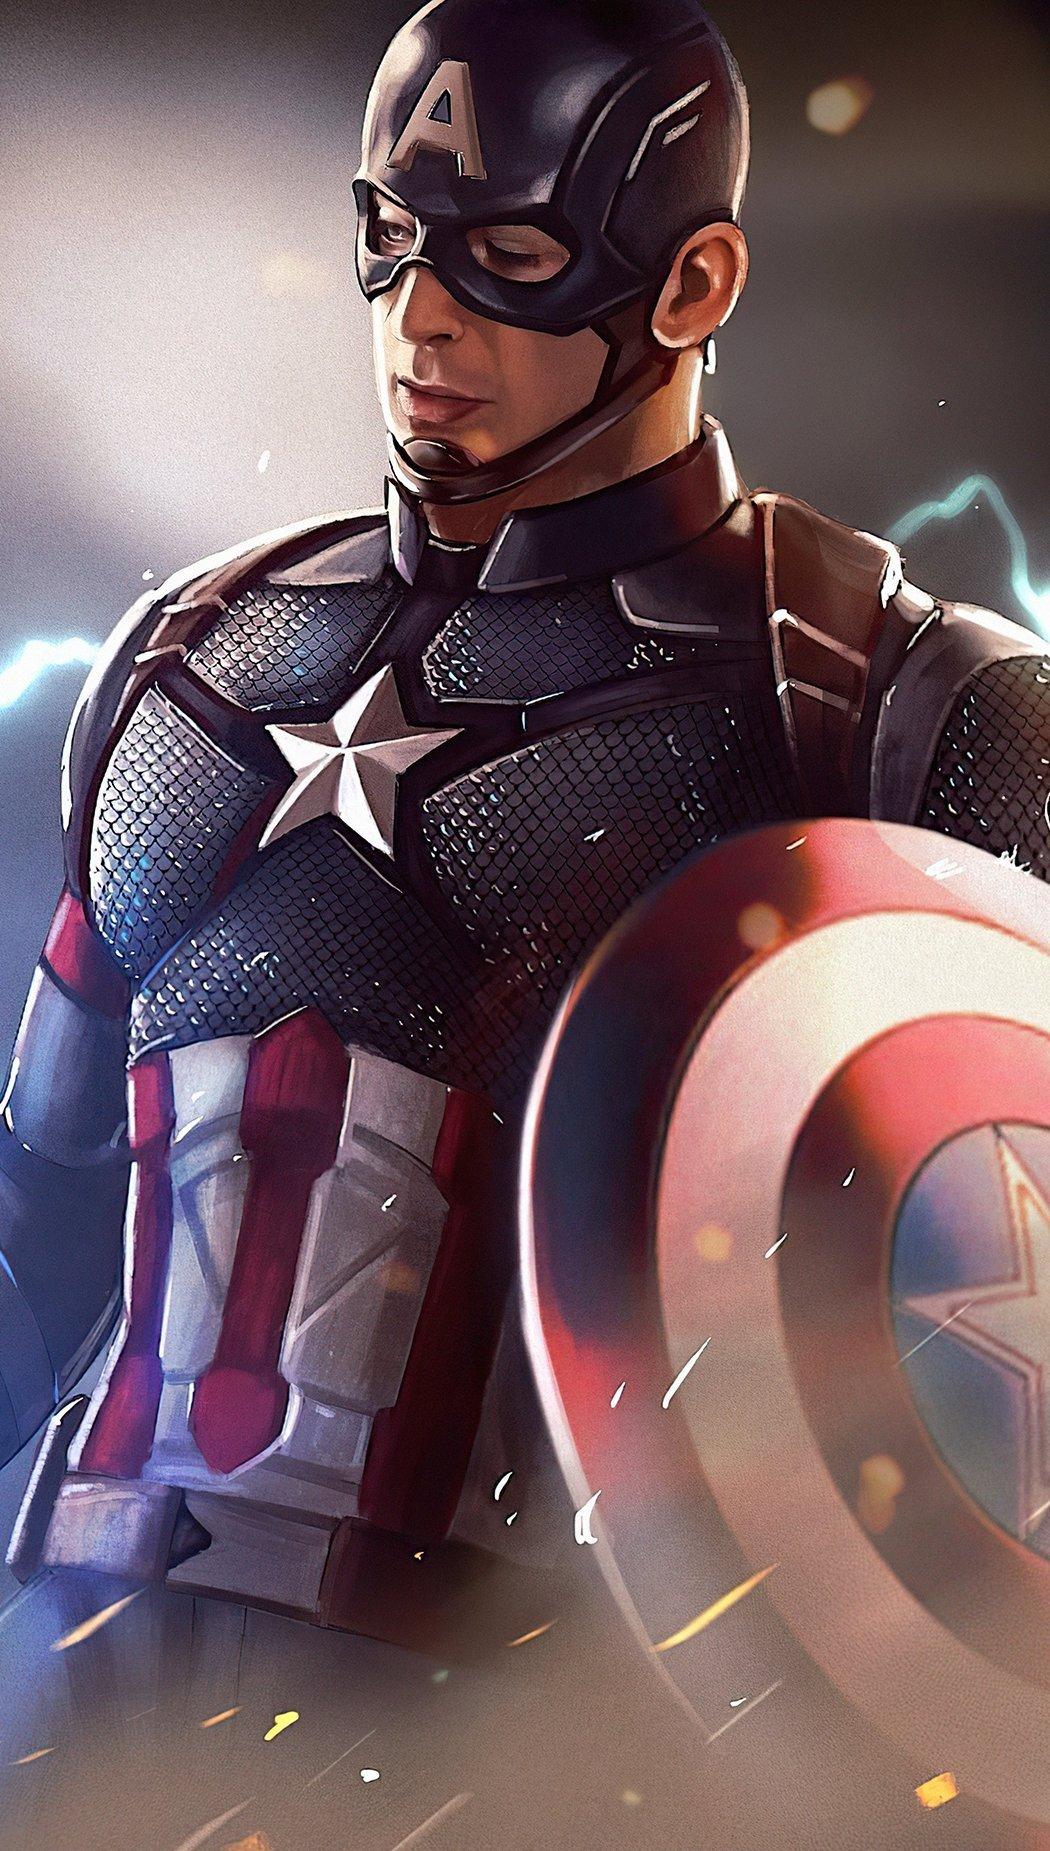 Fondos de pantalla Capitán America con martillo de Thor Fanart Vertical